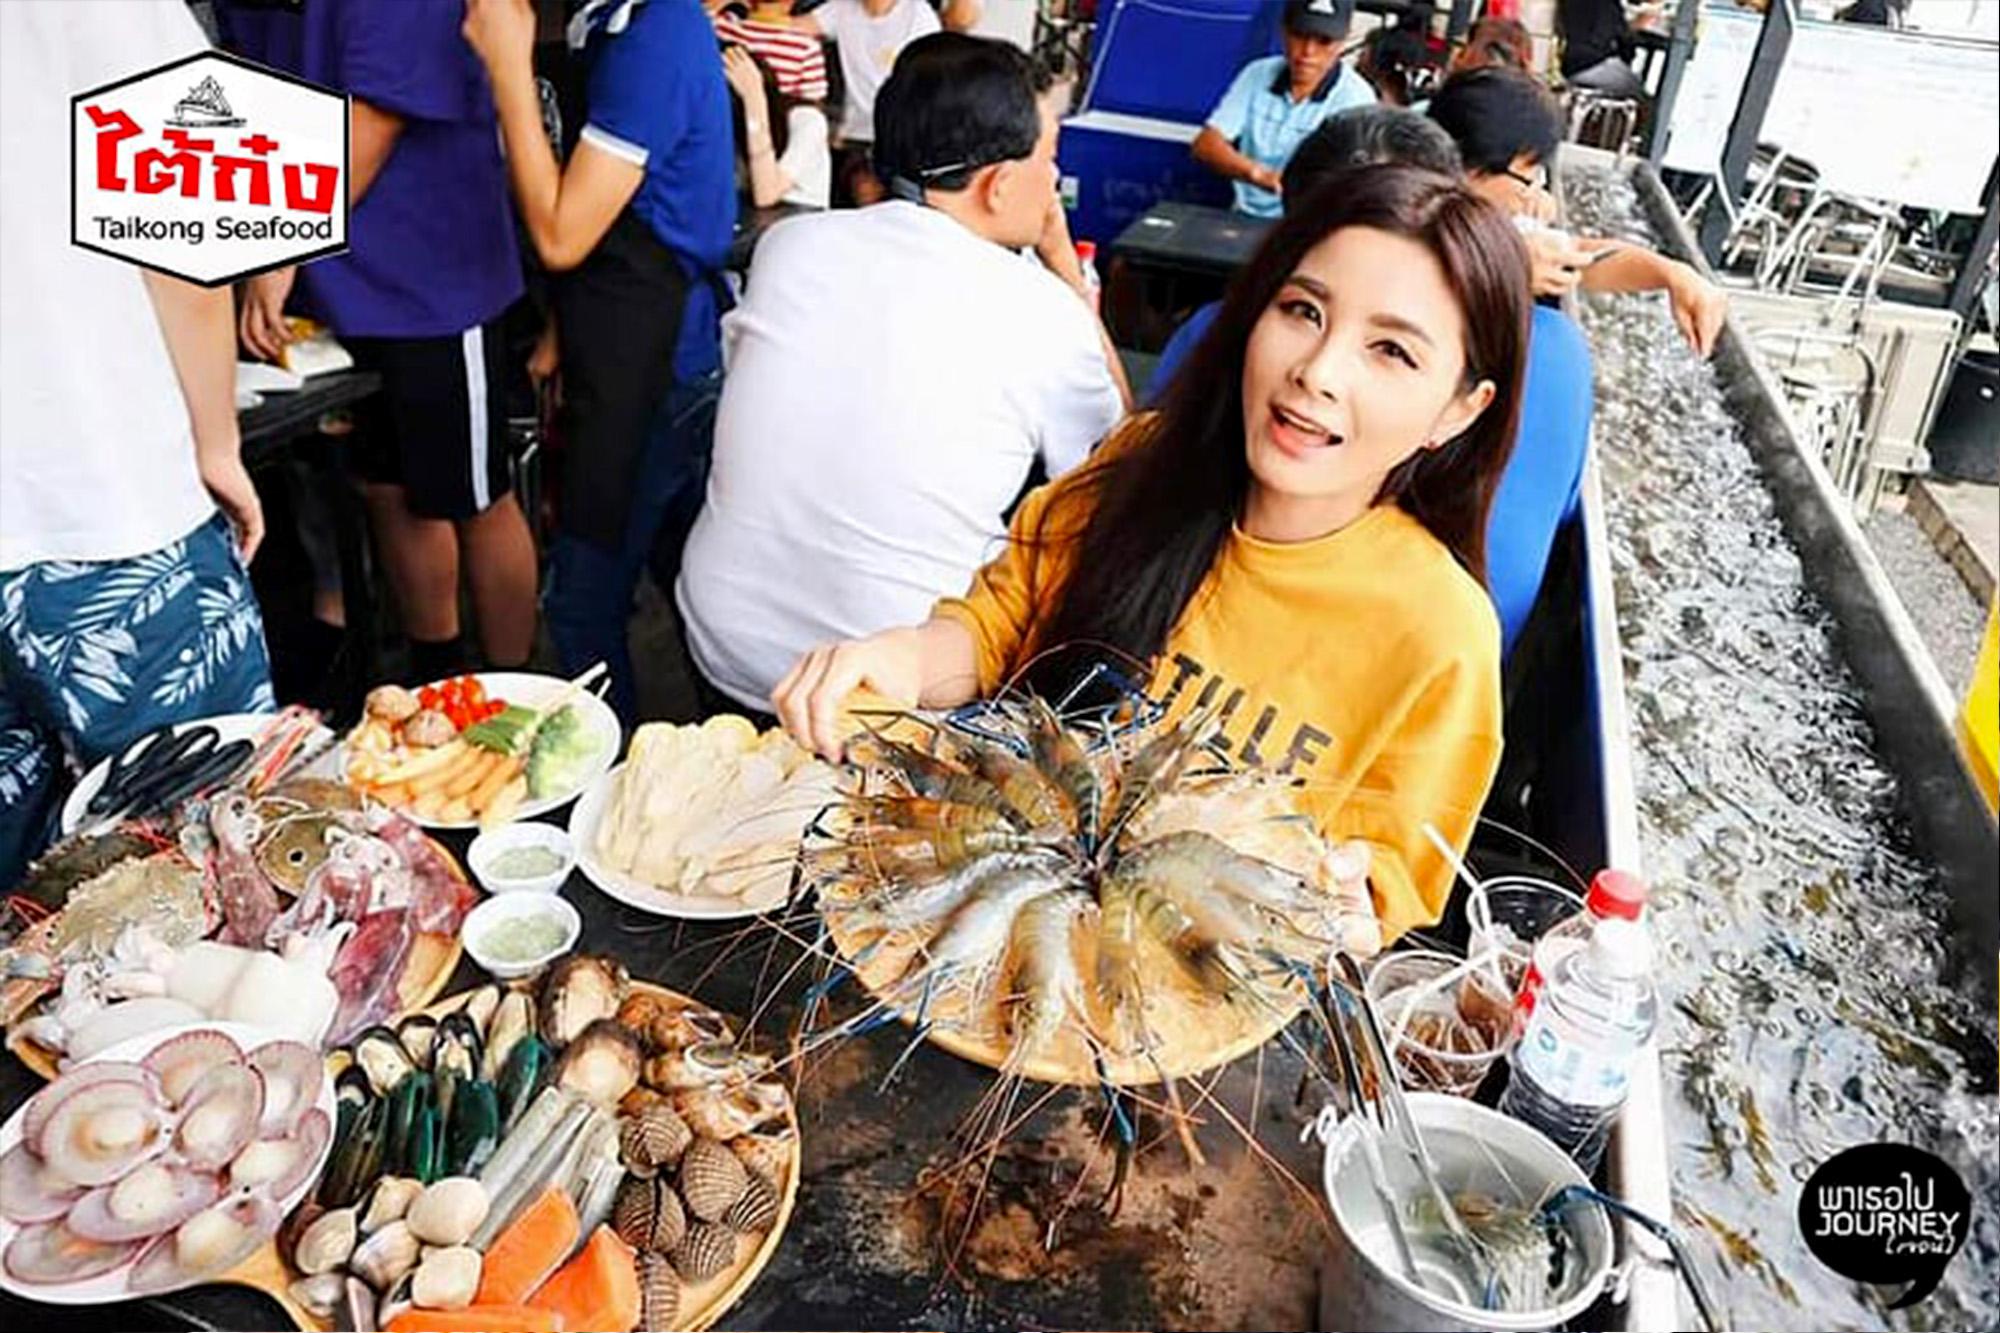 曼谷Taikong流水蝦海鮮餐廳,超人氣烤蝦吃到飽。